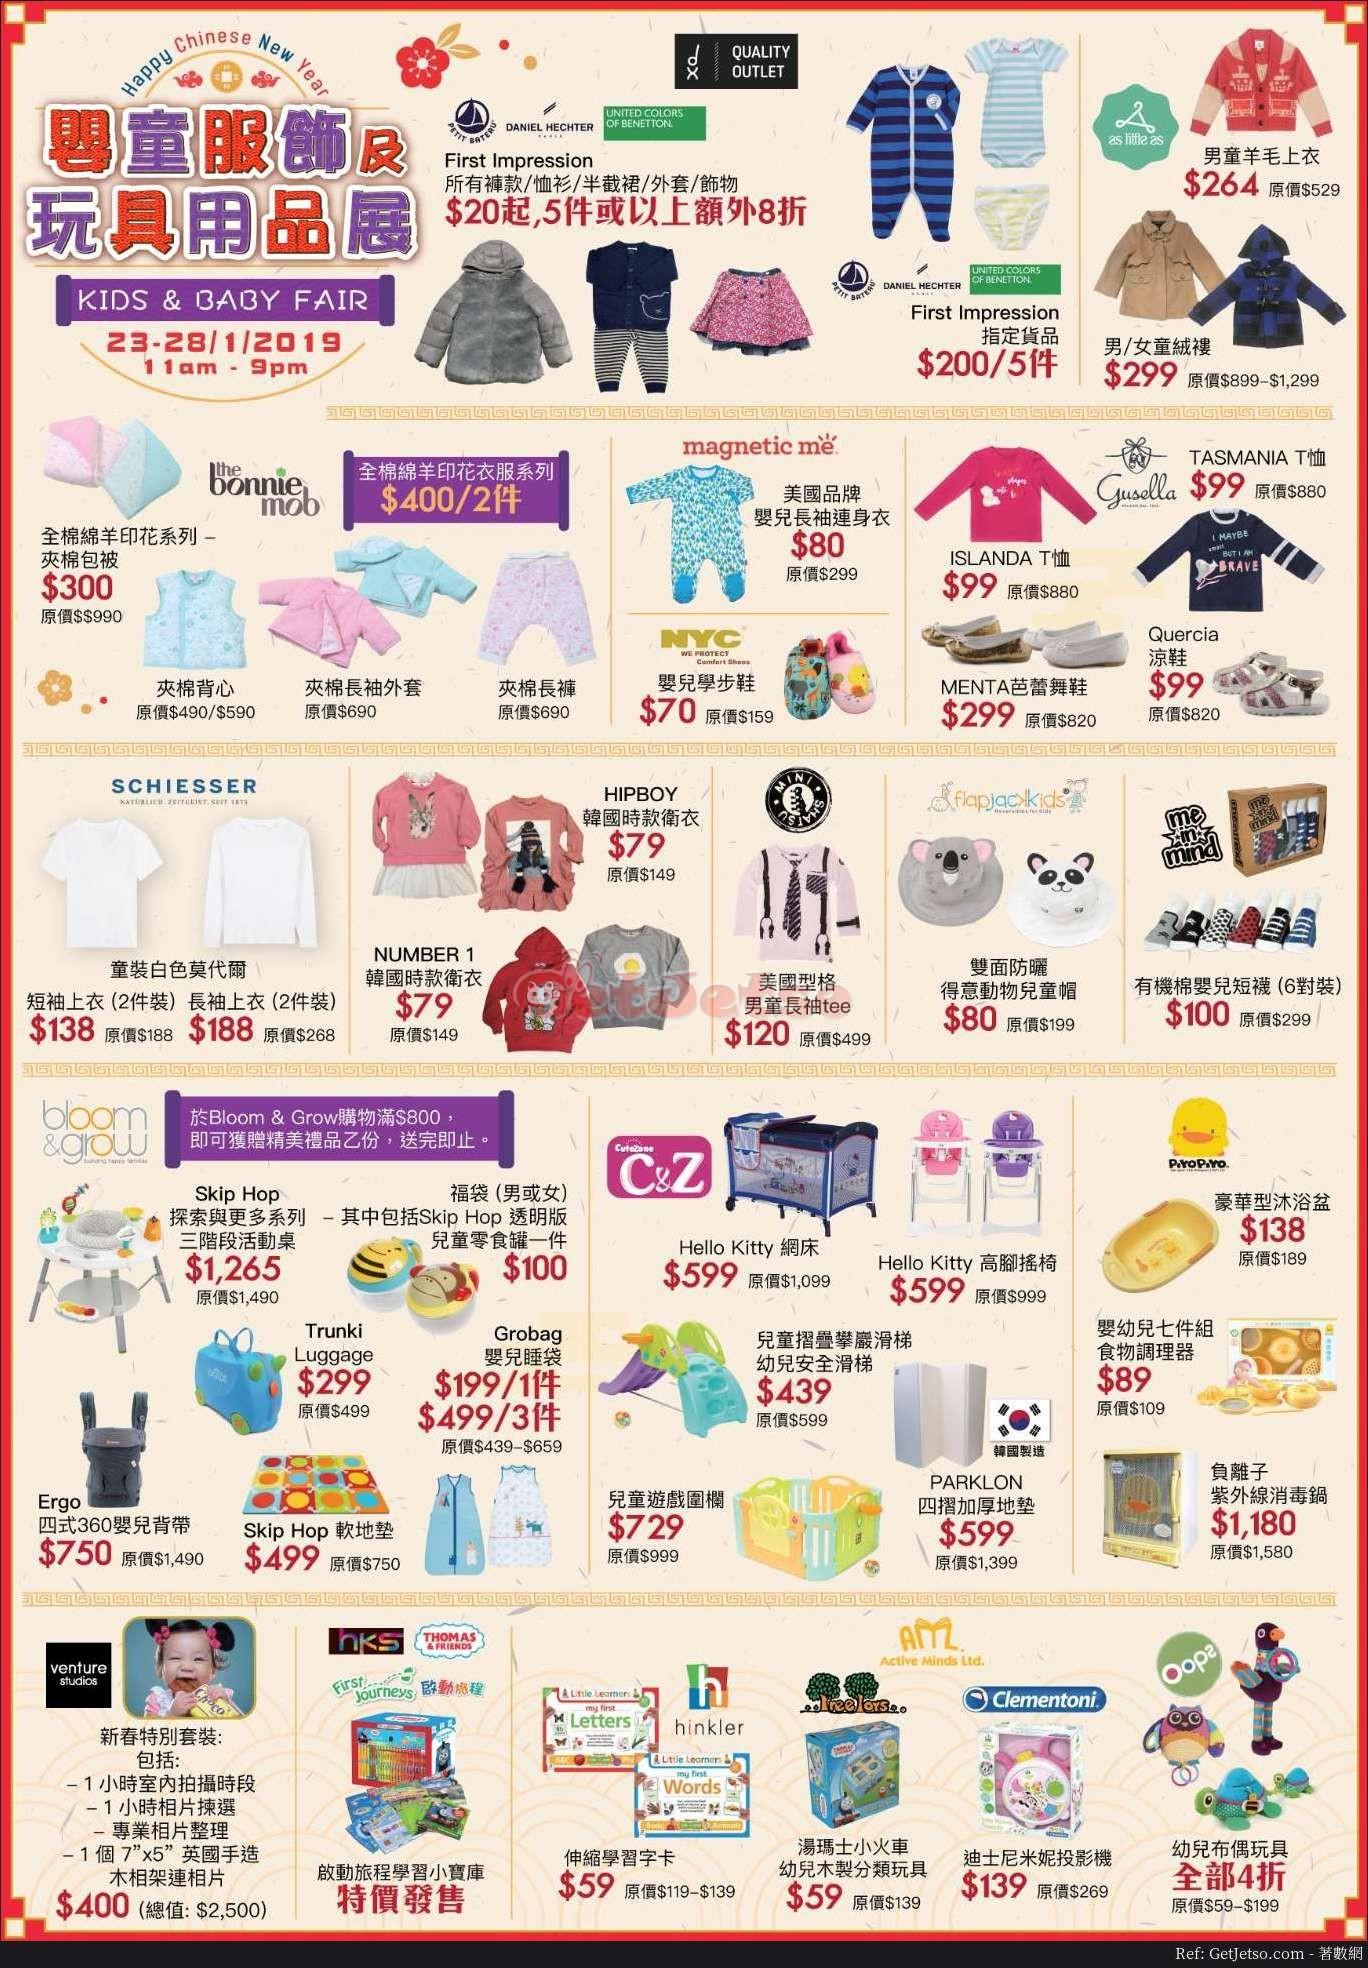 嬰童服飾及玩具用品展優惠@海港城(19年1月23-28日)